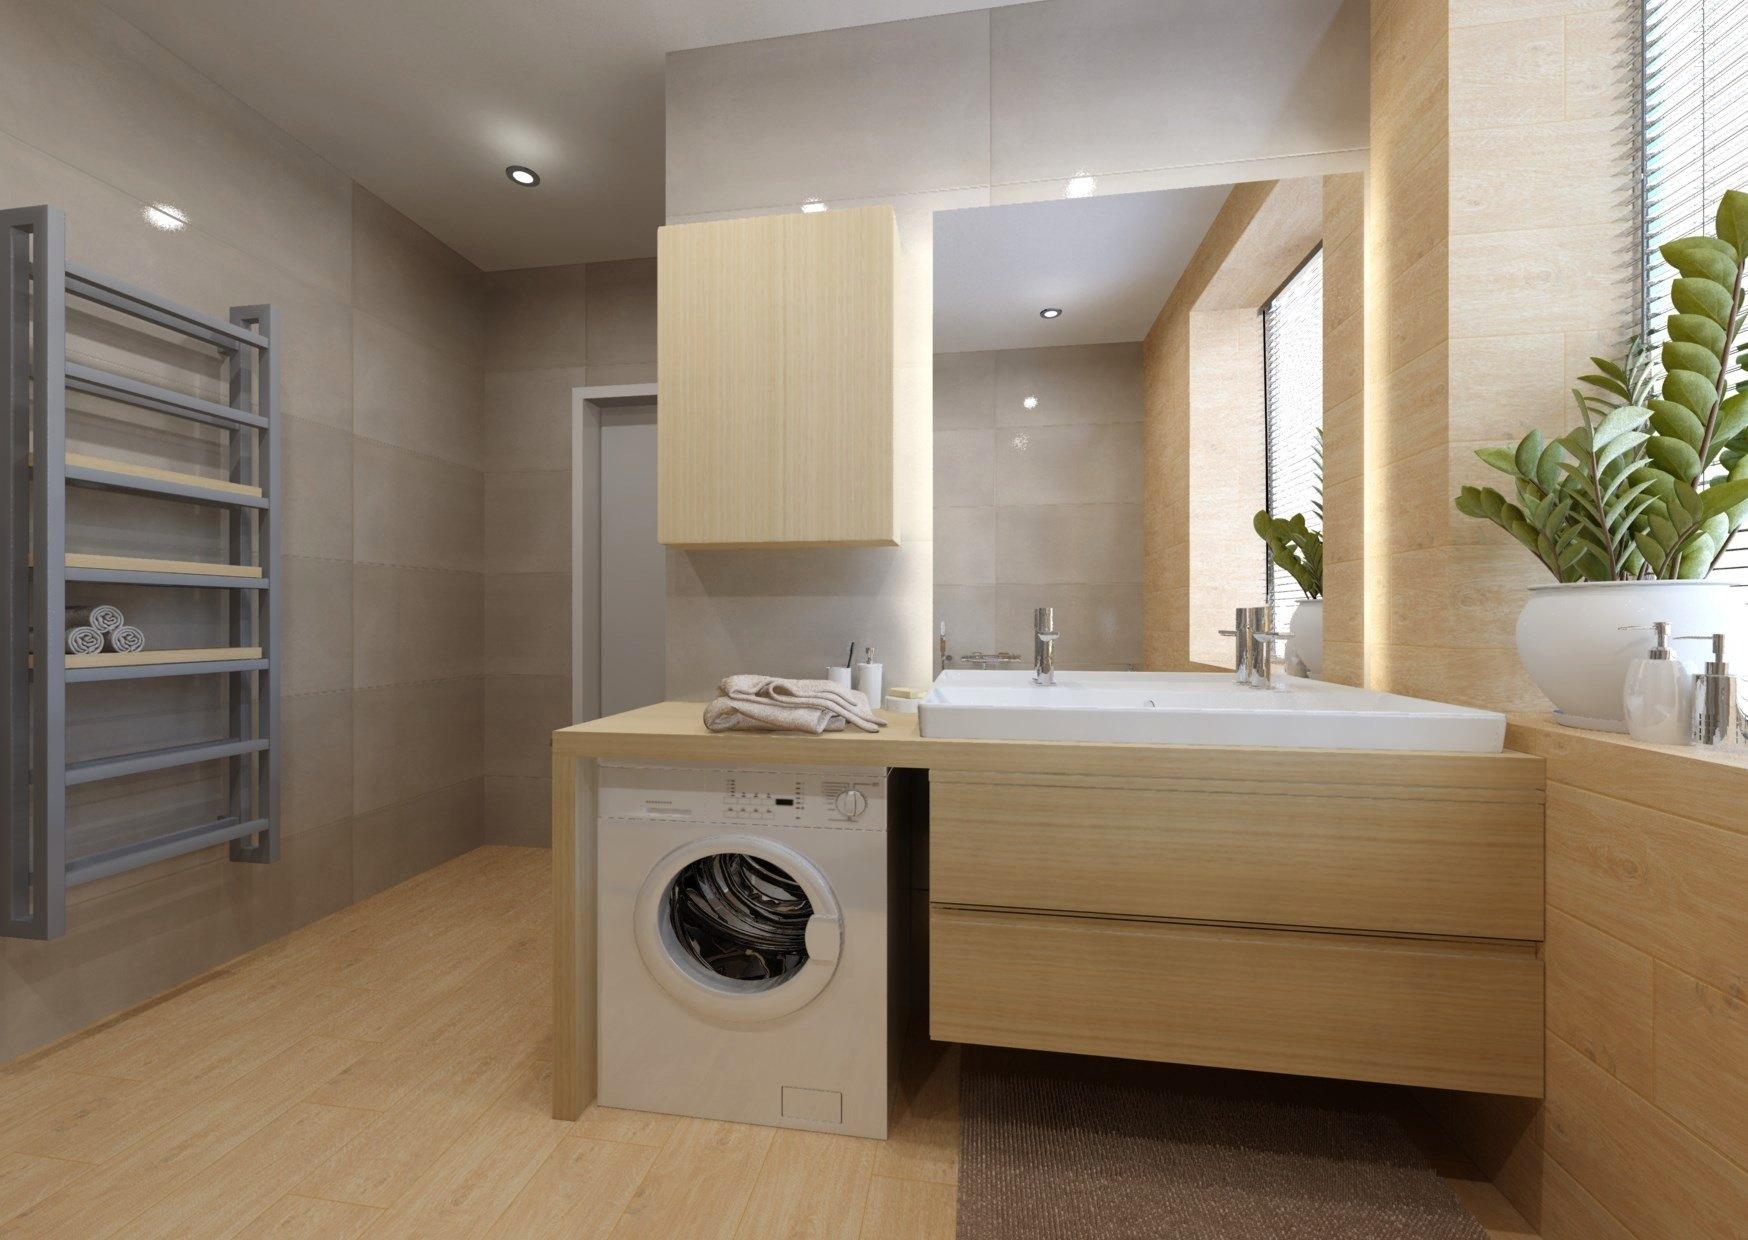 Návrh koupelny se sprchovým koutem a vanou 8